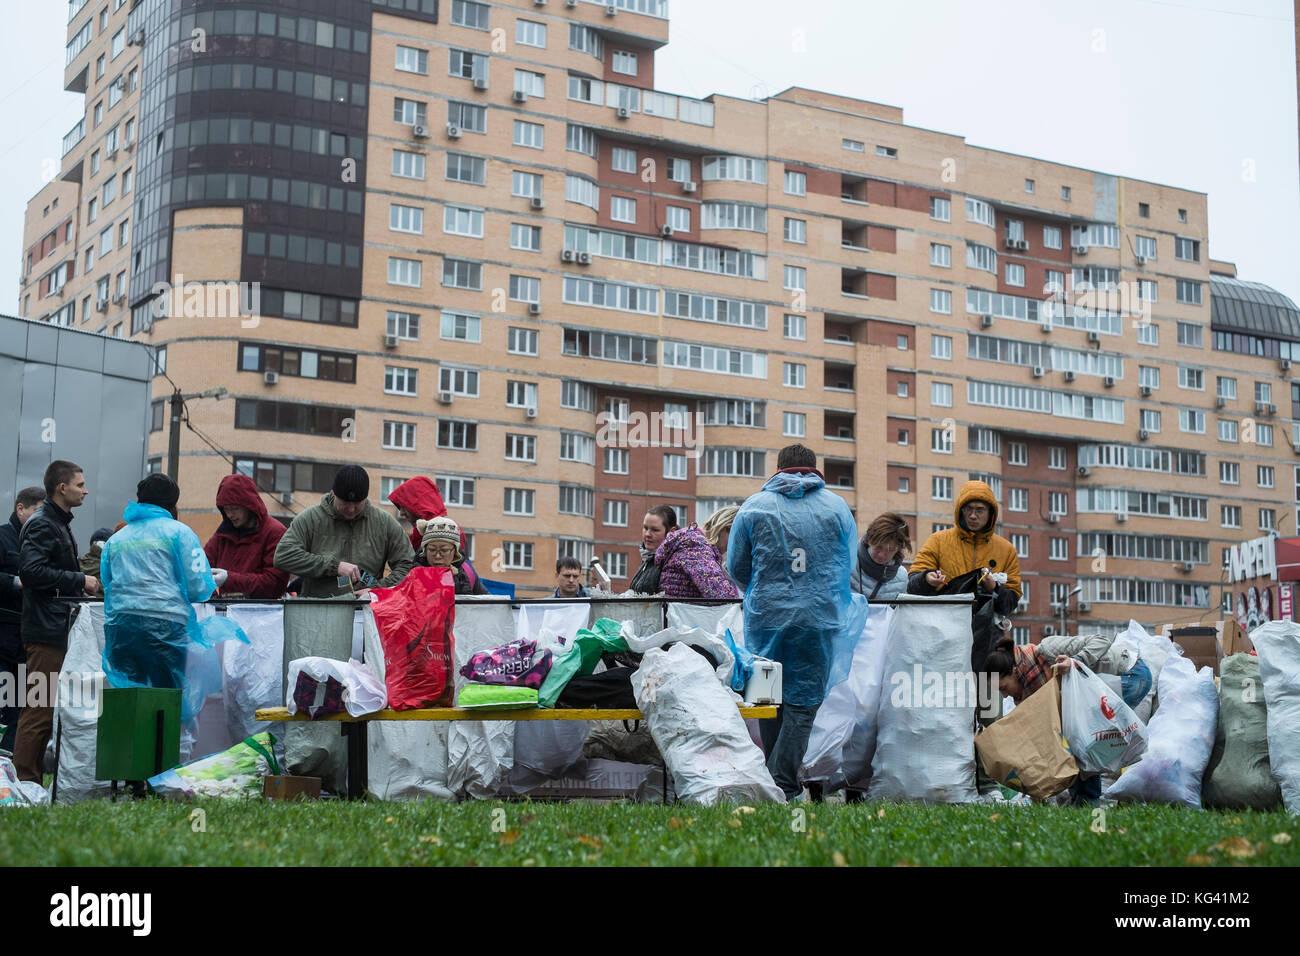 Plastic windows in Zheleznodorozhny 76